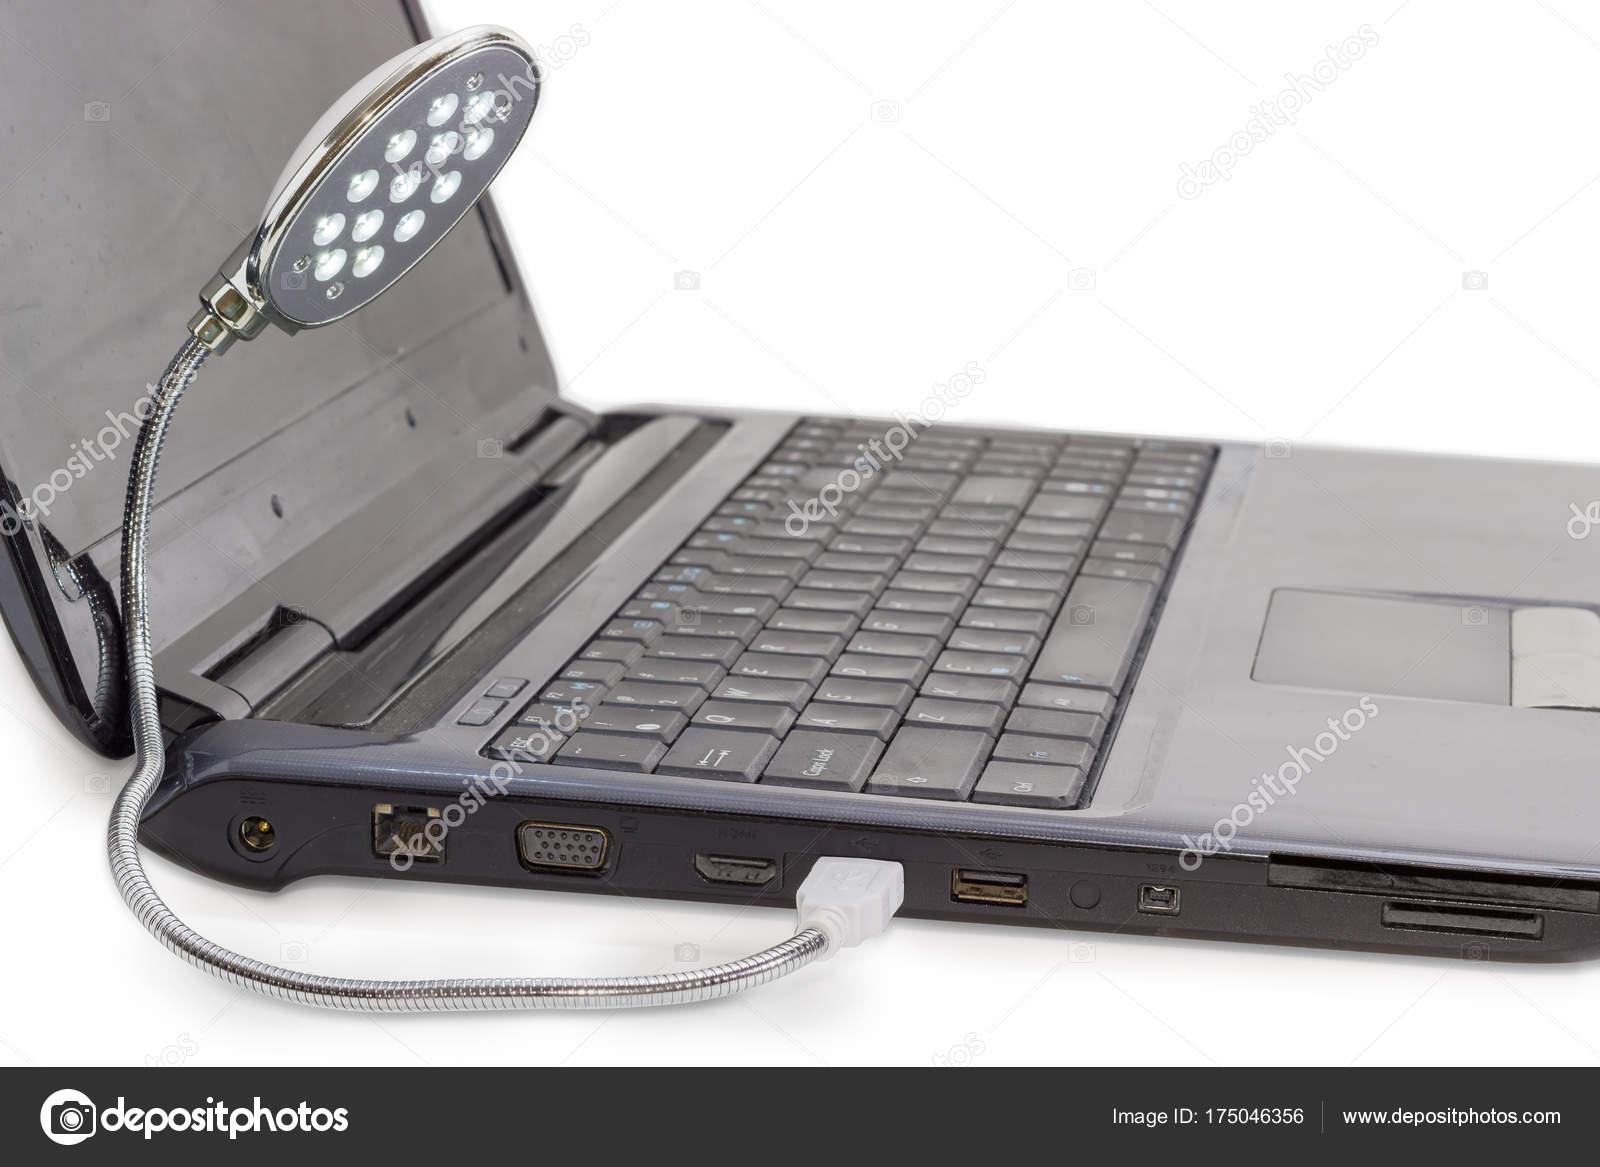 Led Lampe Usb Connecte A L Ordinateur Portable Port Usb